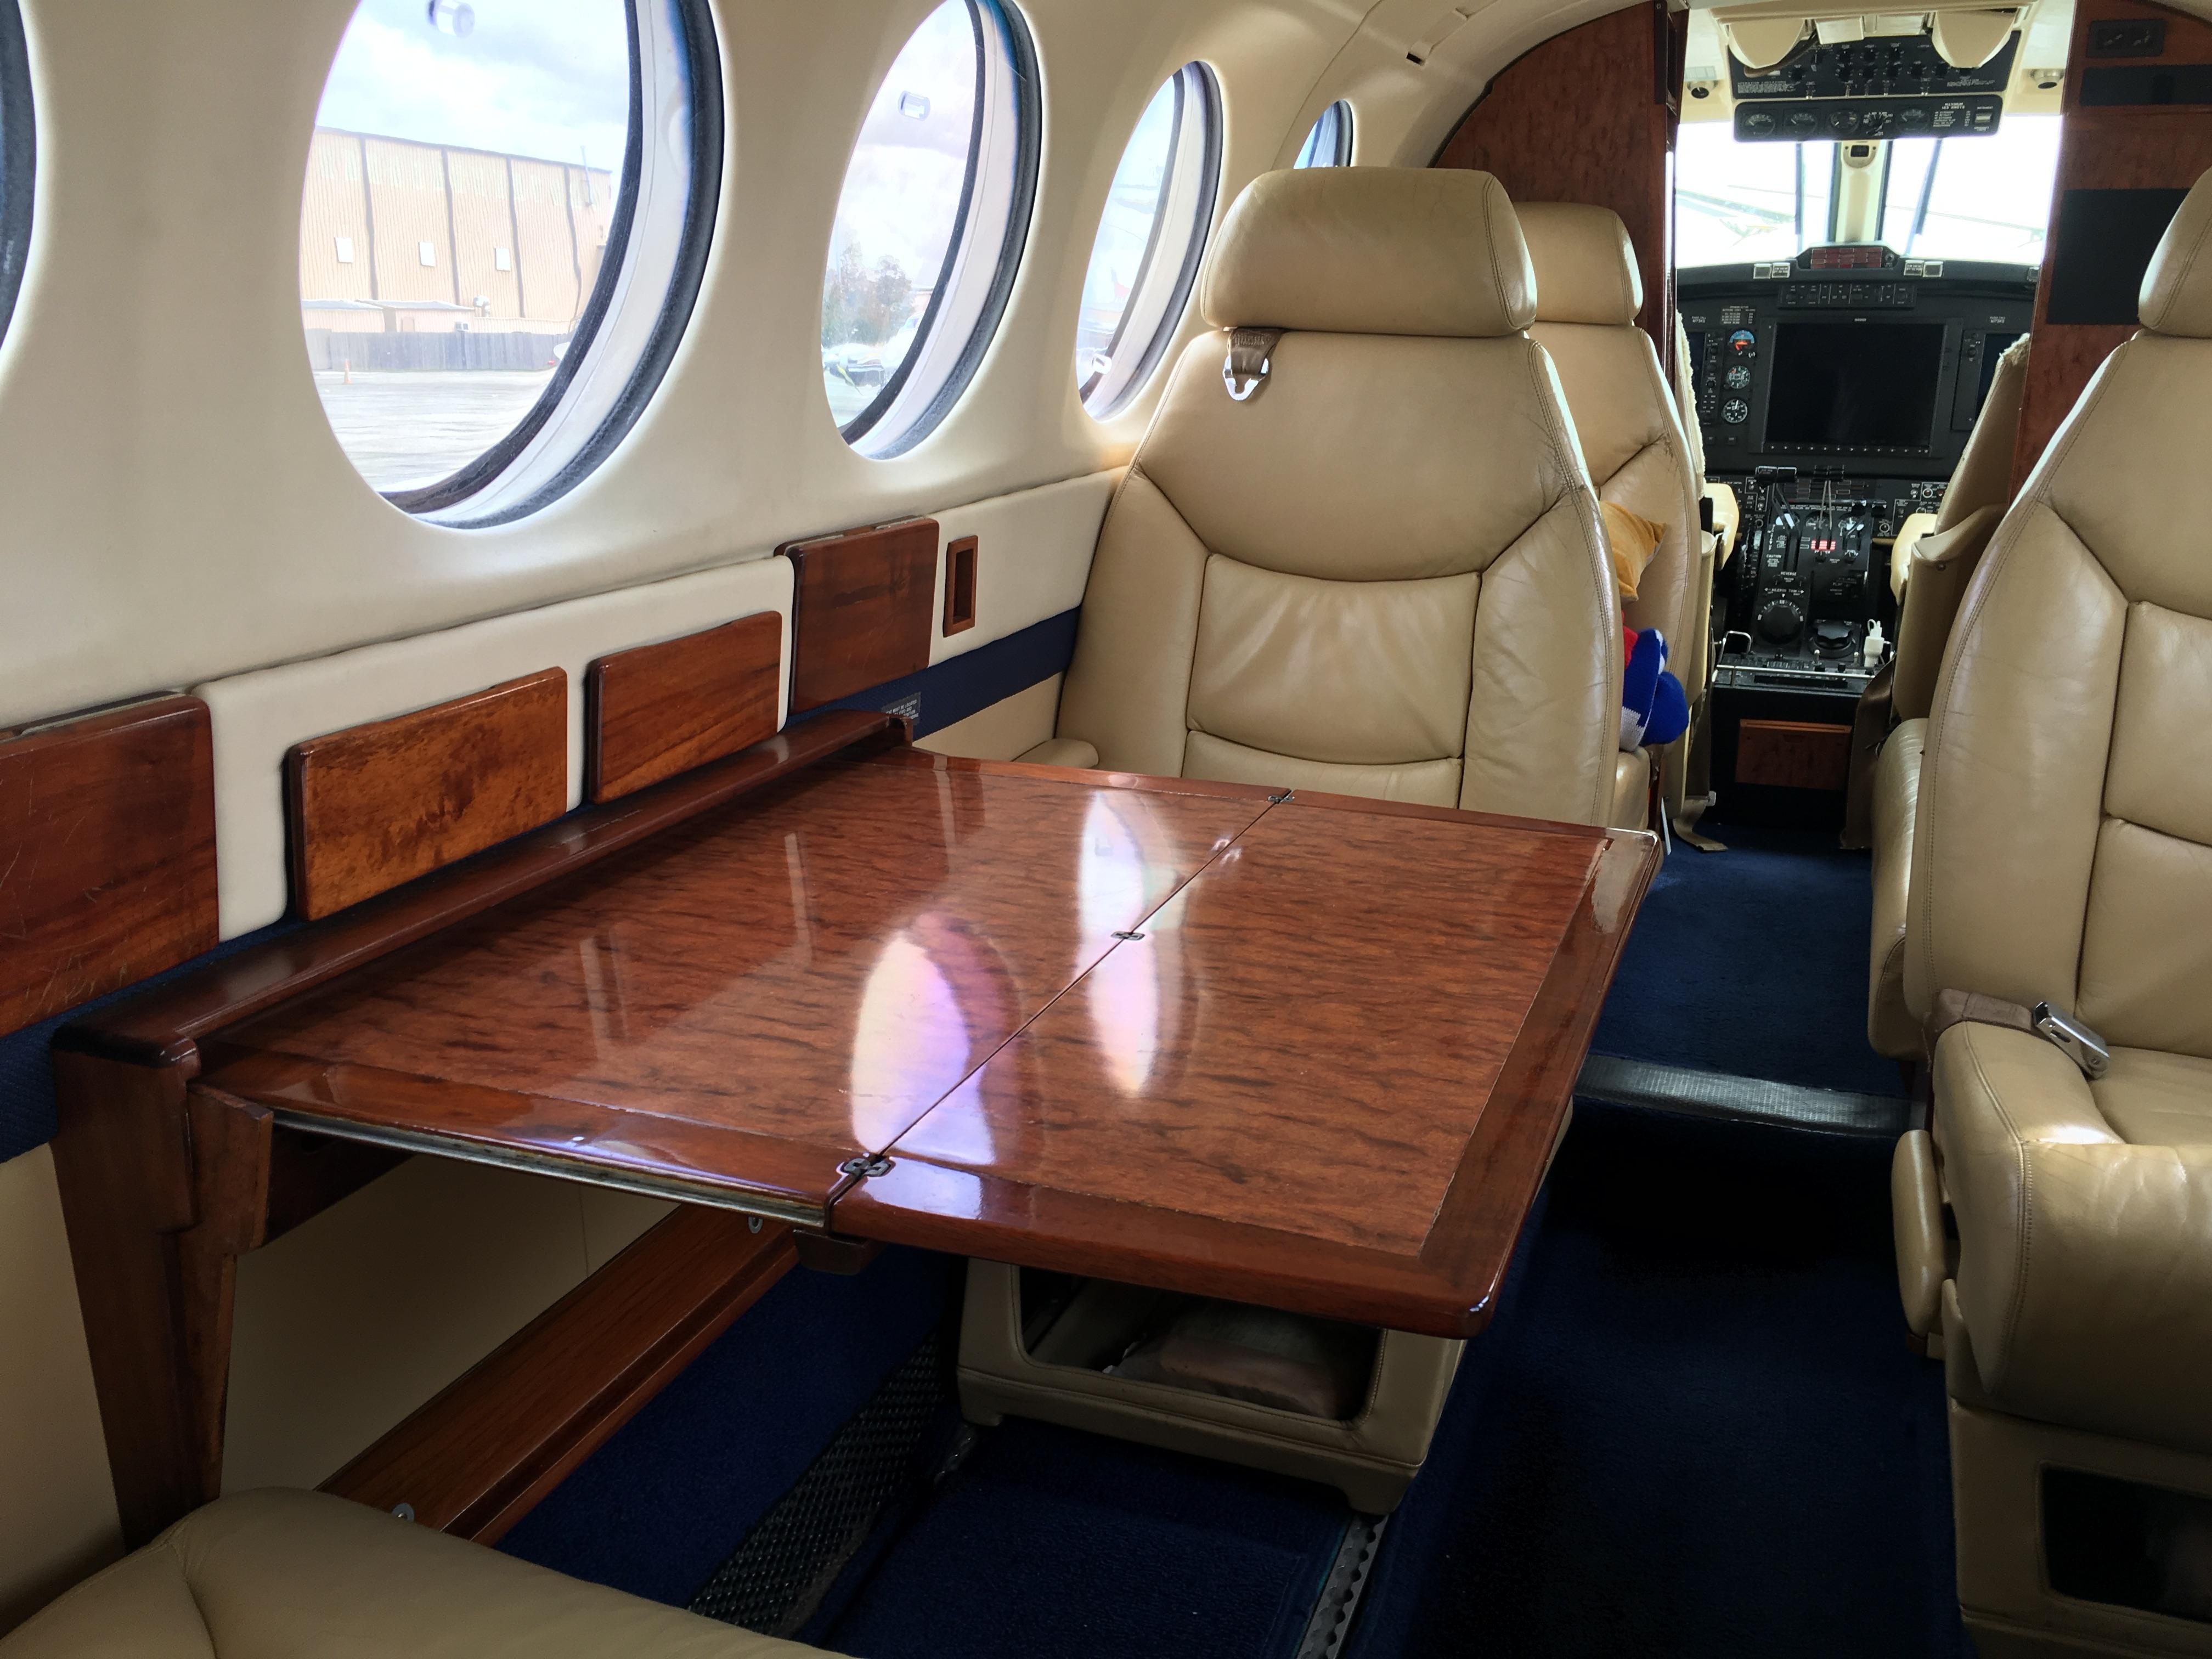 King Air 300 interior